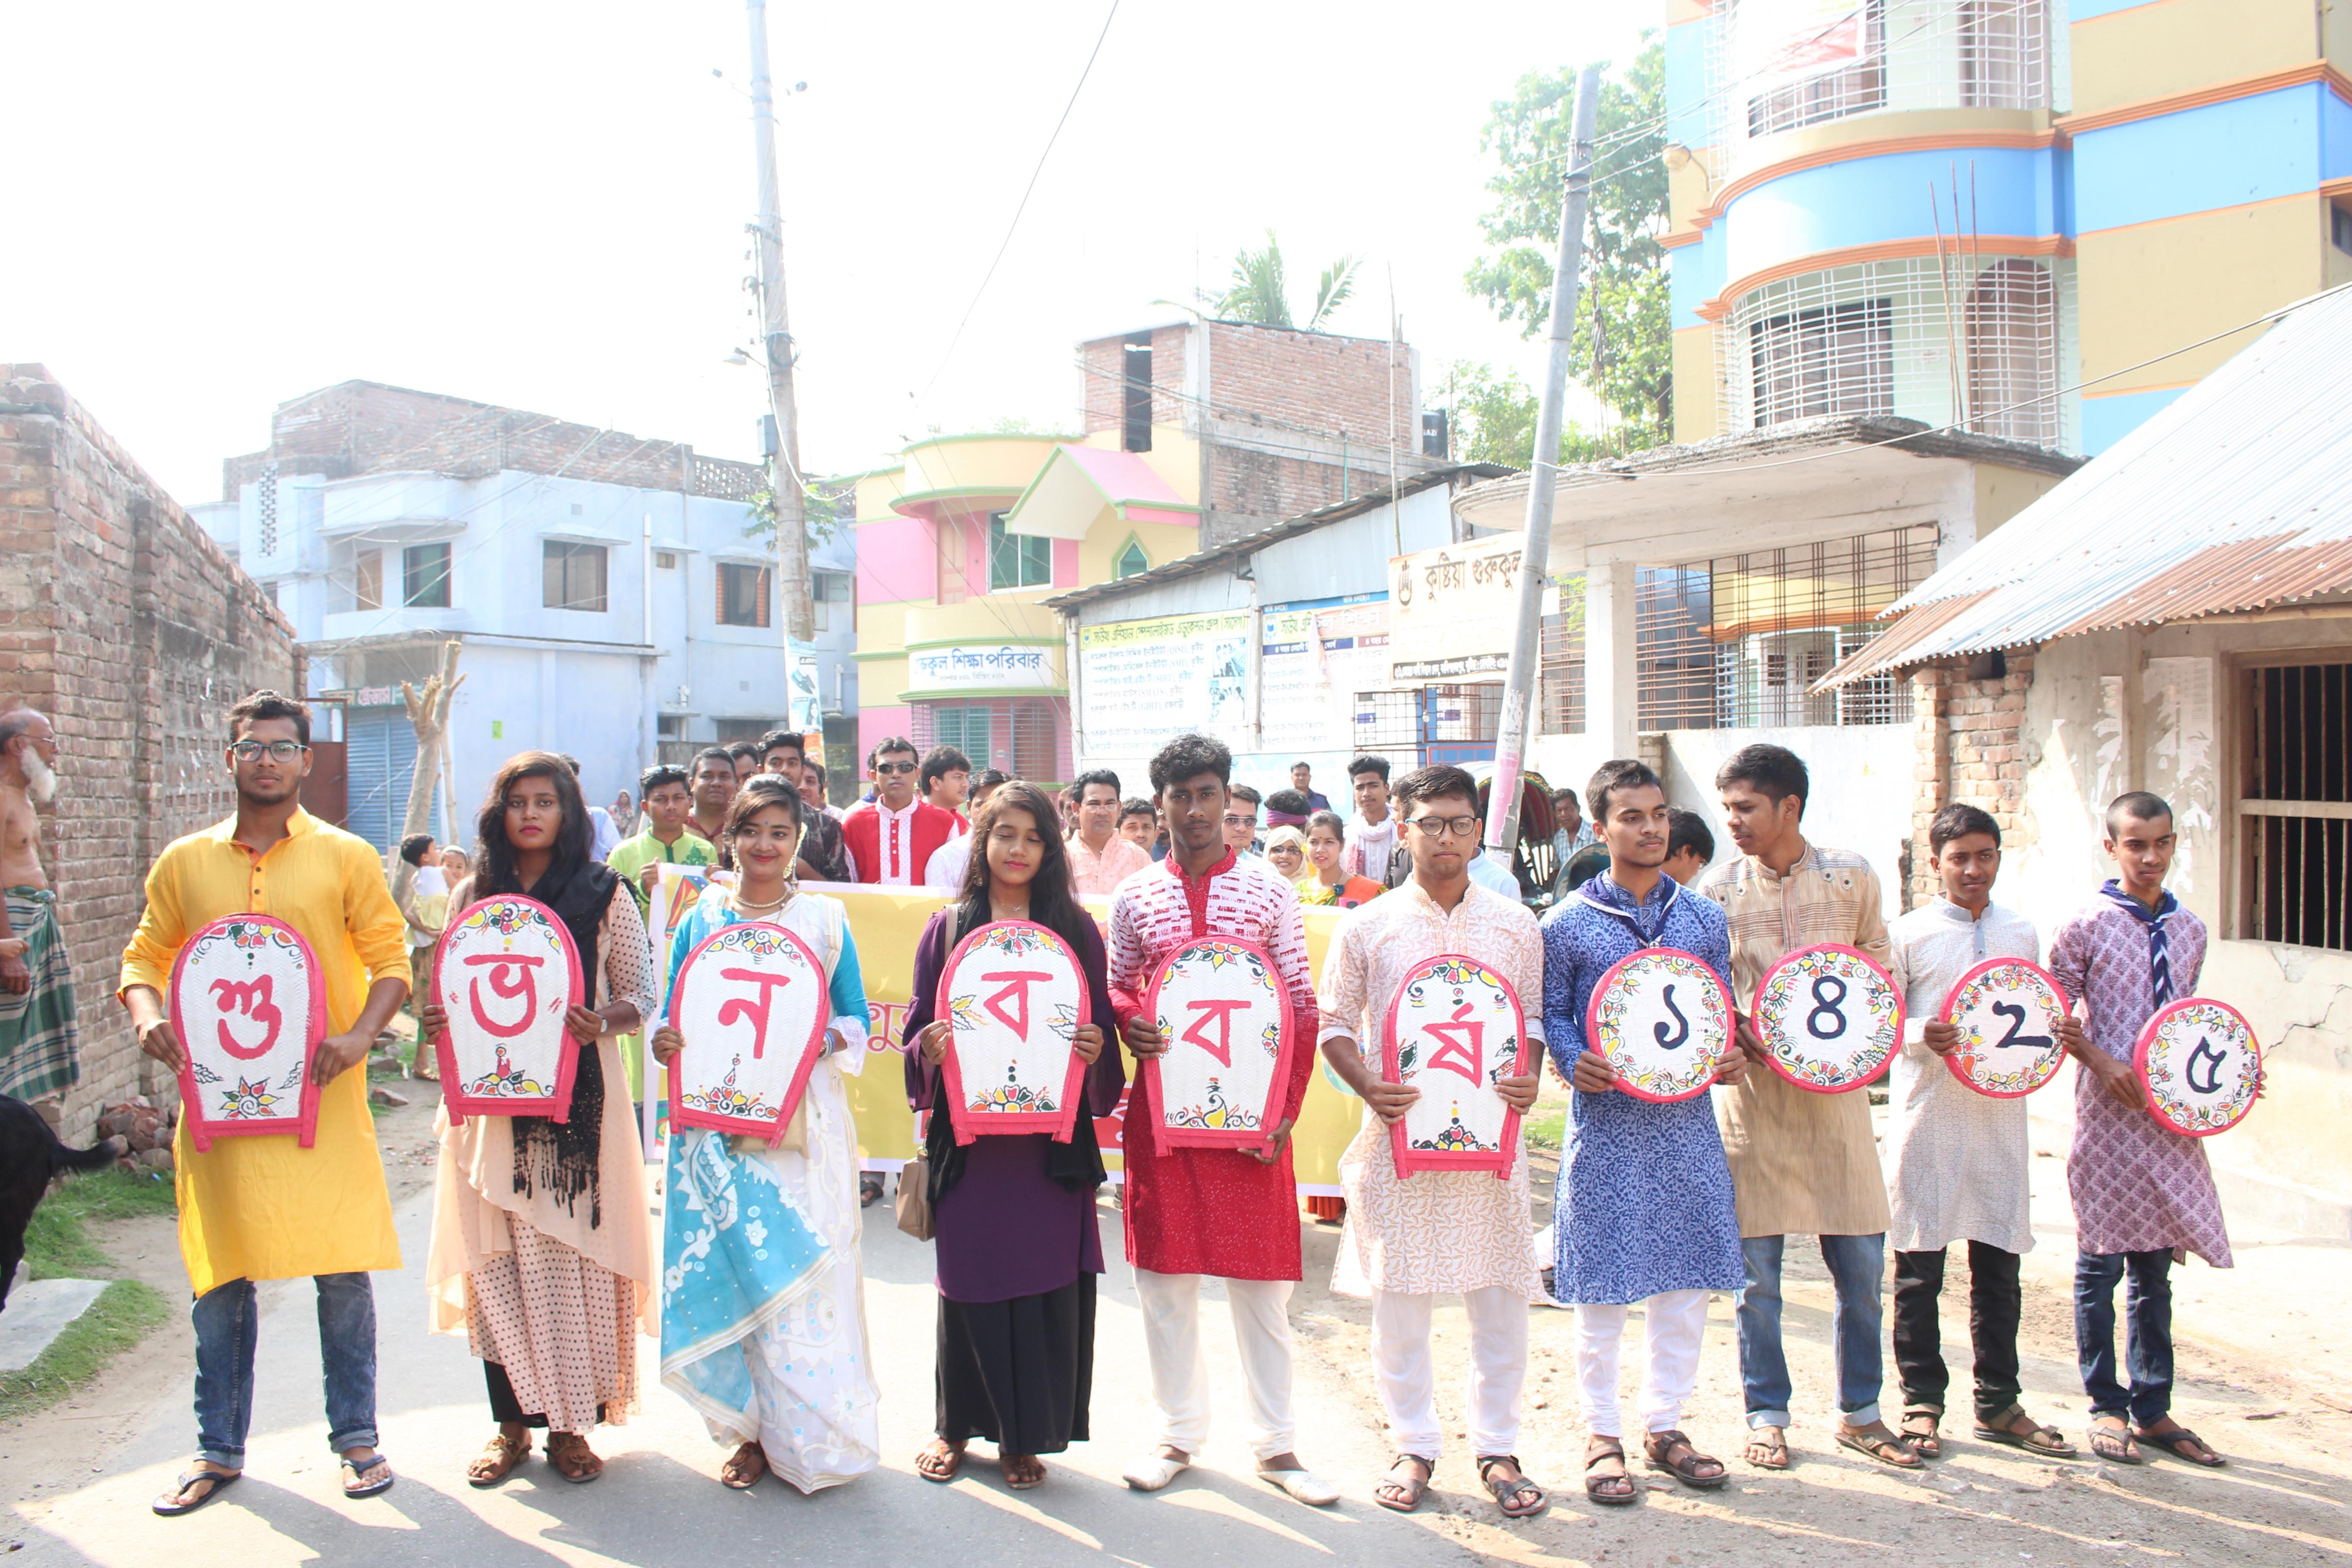 গুরুকুলের মঙ্গল শোভাযাত্রা-Gurukul Mars rally